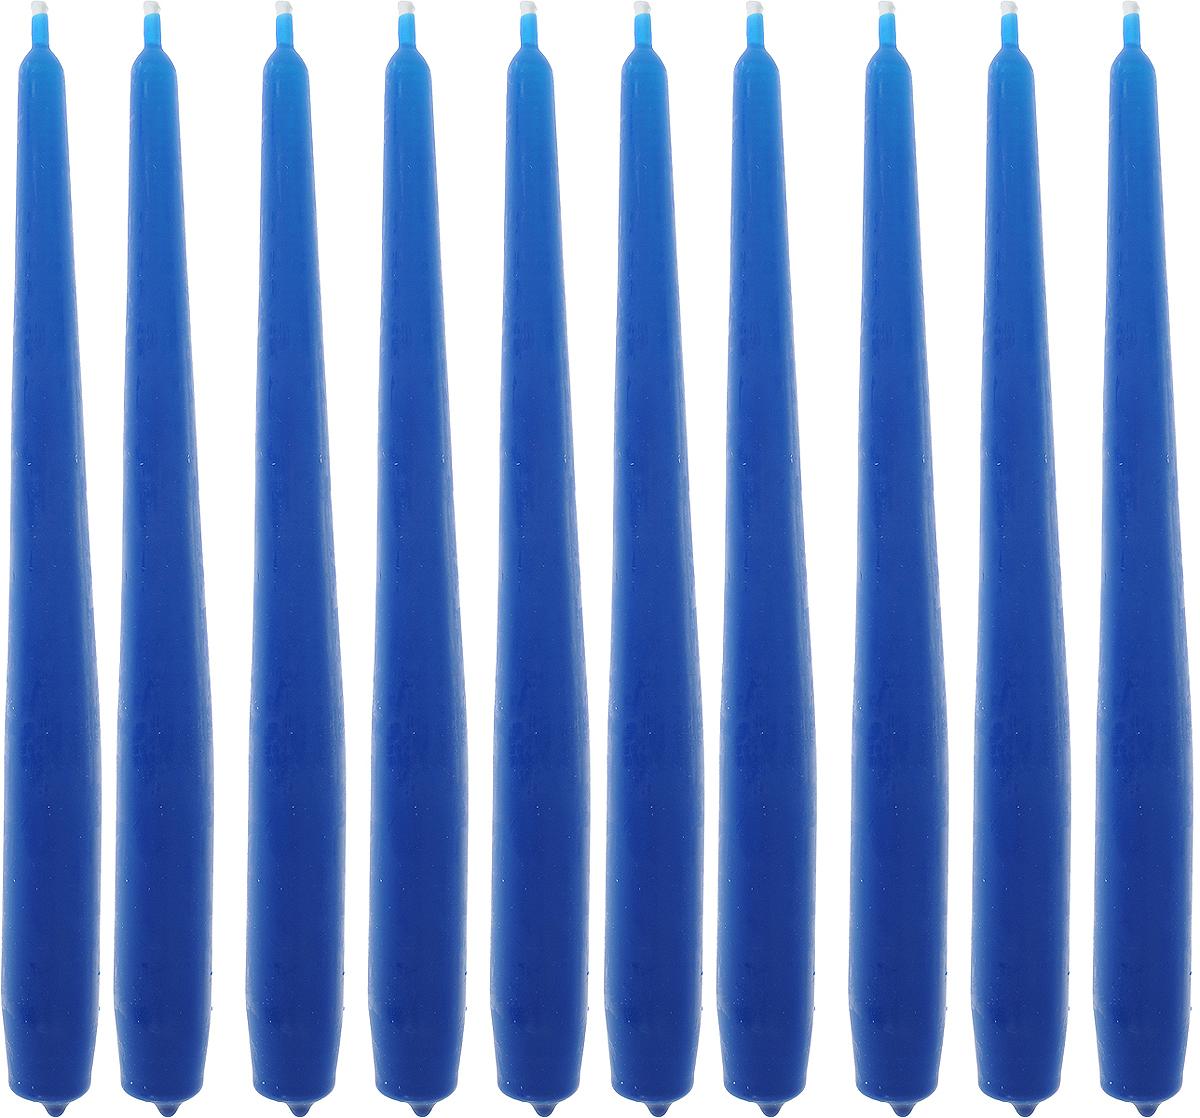 Набор свечей Омский cвечной завод, цвет: синий, высота 24 см, 10 шт331118,001907Набор Омский cвечной завод состоит из 10 свечей, изготовленных из парафина и хлопчатобумажной нити. Такие свечи создадут атмосферу таинственности и загадочности и наполнят ваш дом волшебством и ощущением праздника. Хороший сувенир для друзей и близких.Примерное время горения: 7 часов. Высота: 24 см. Диаметр: 2 см.